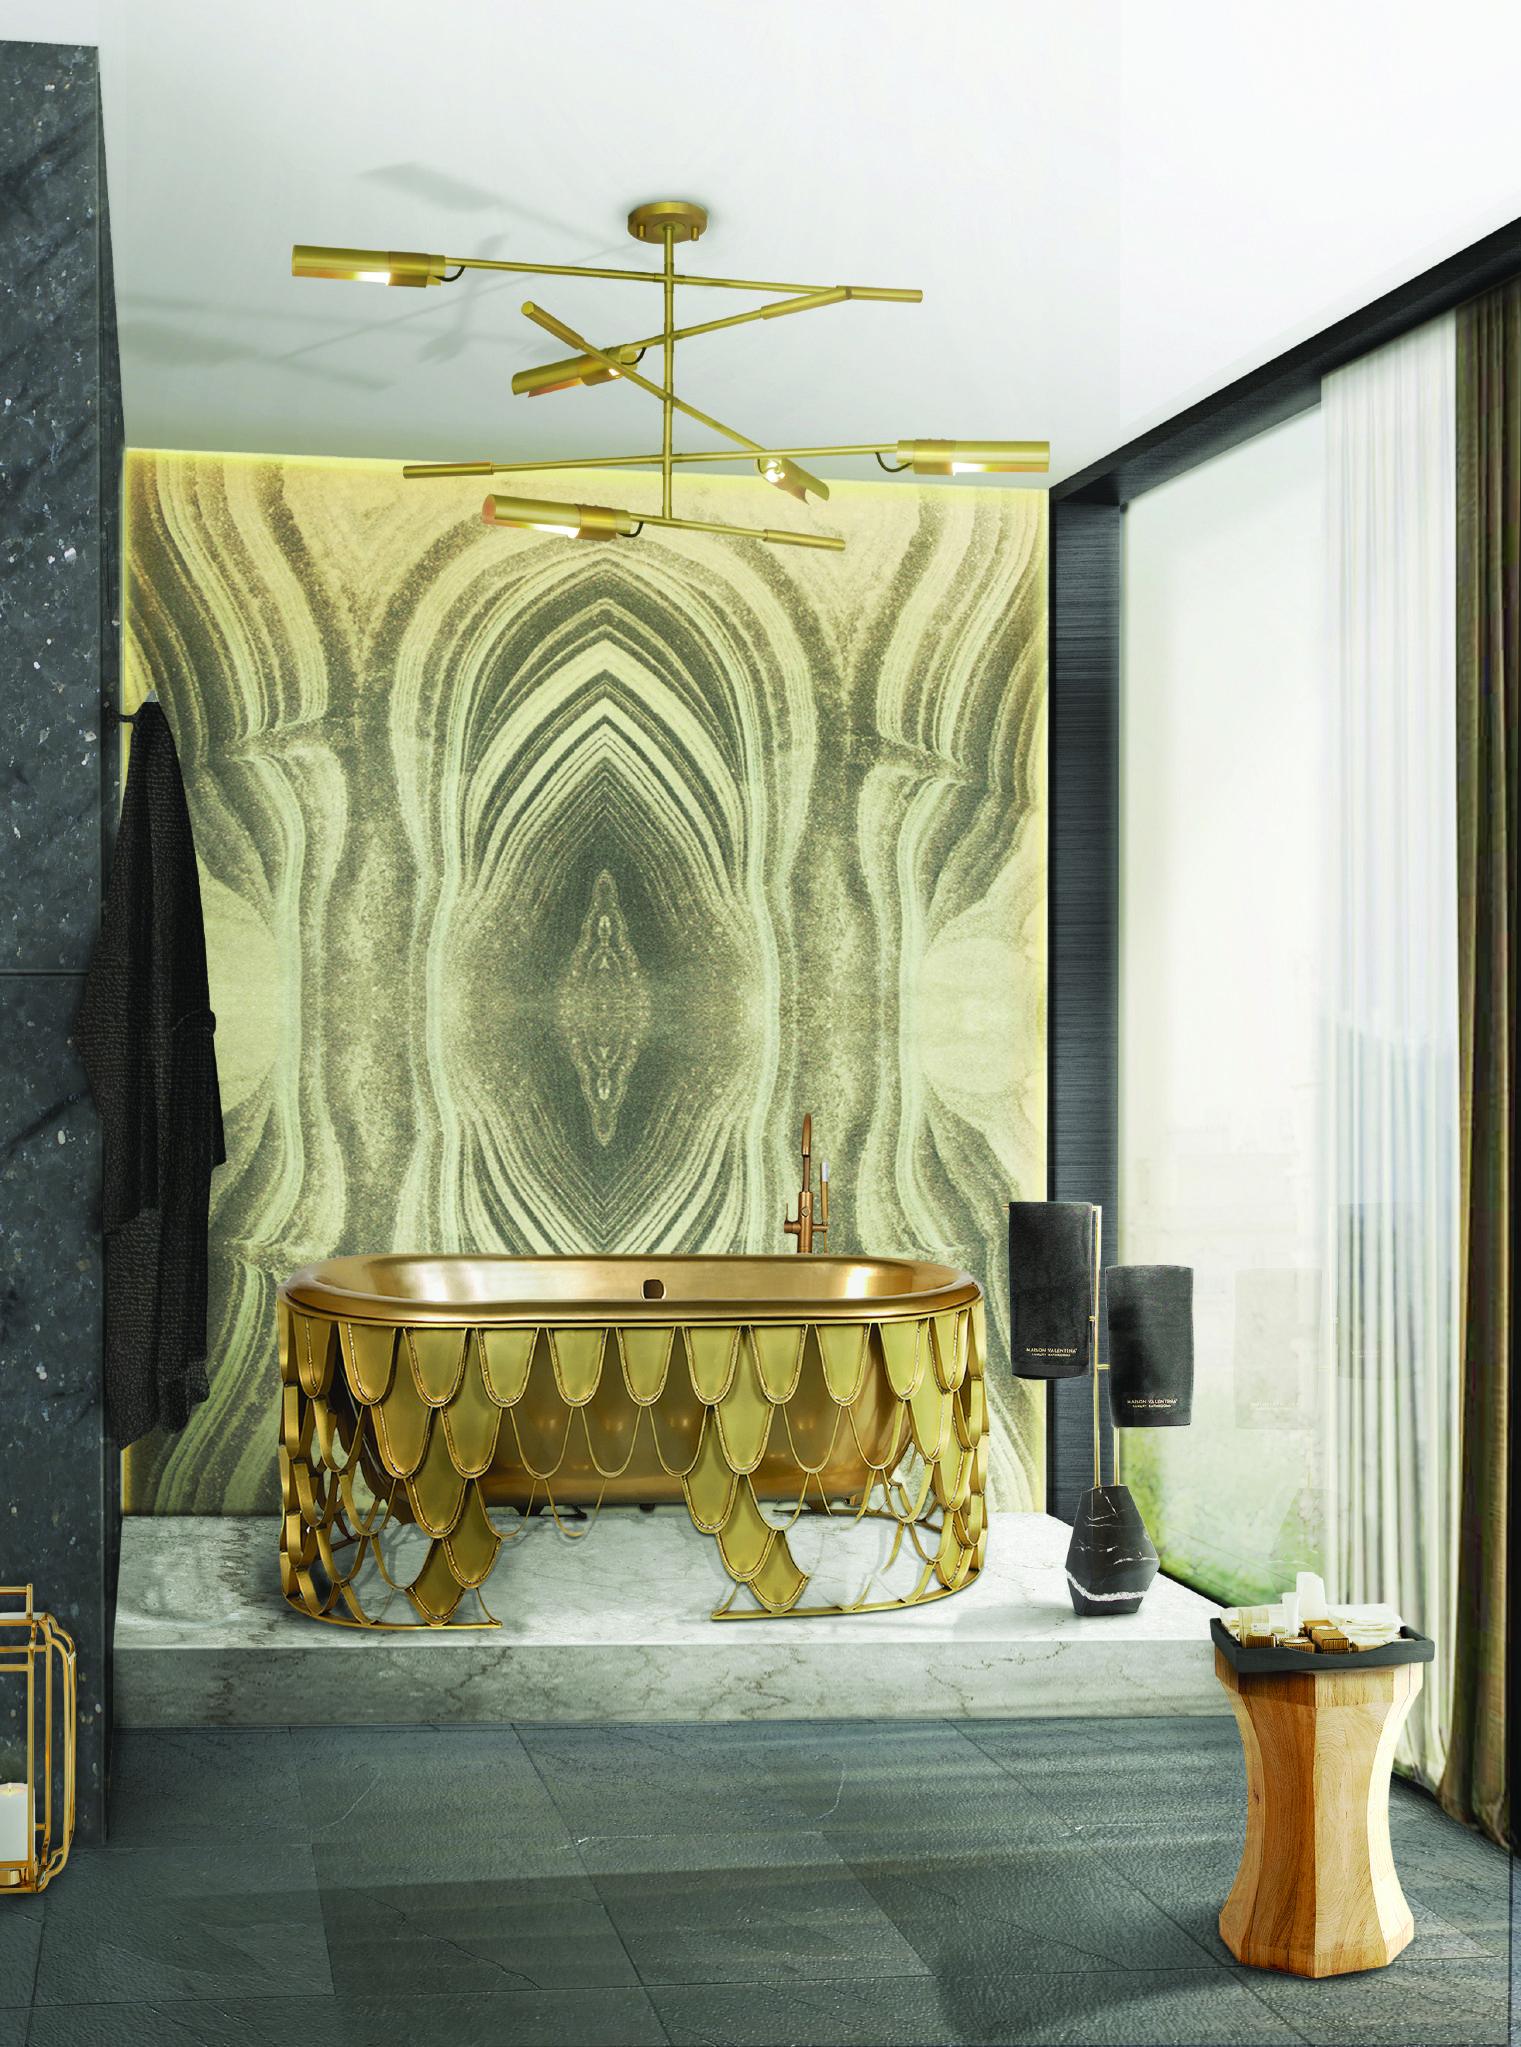 Wohnen Mit Klassikern   Einrichtungsideen   Wohnideen   Wohnzimmer  Gestalten   Klassisch Modern   Wohndesign #